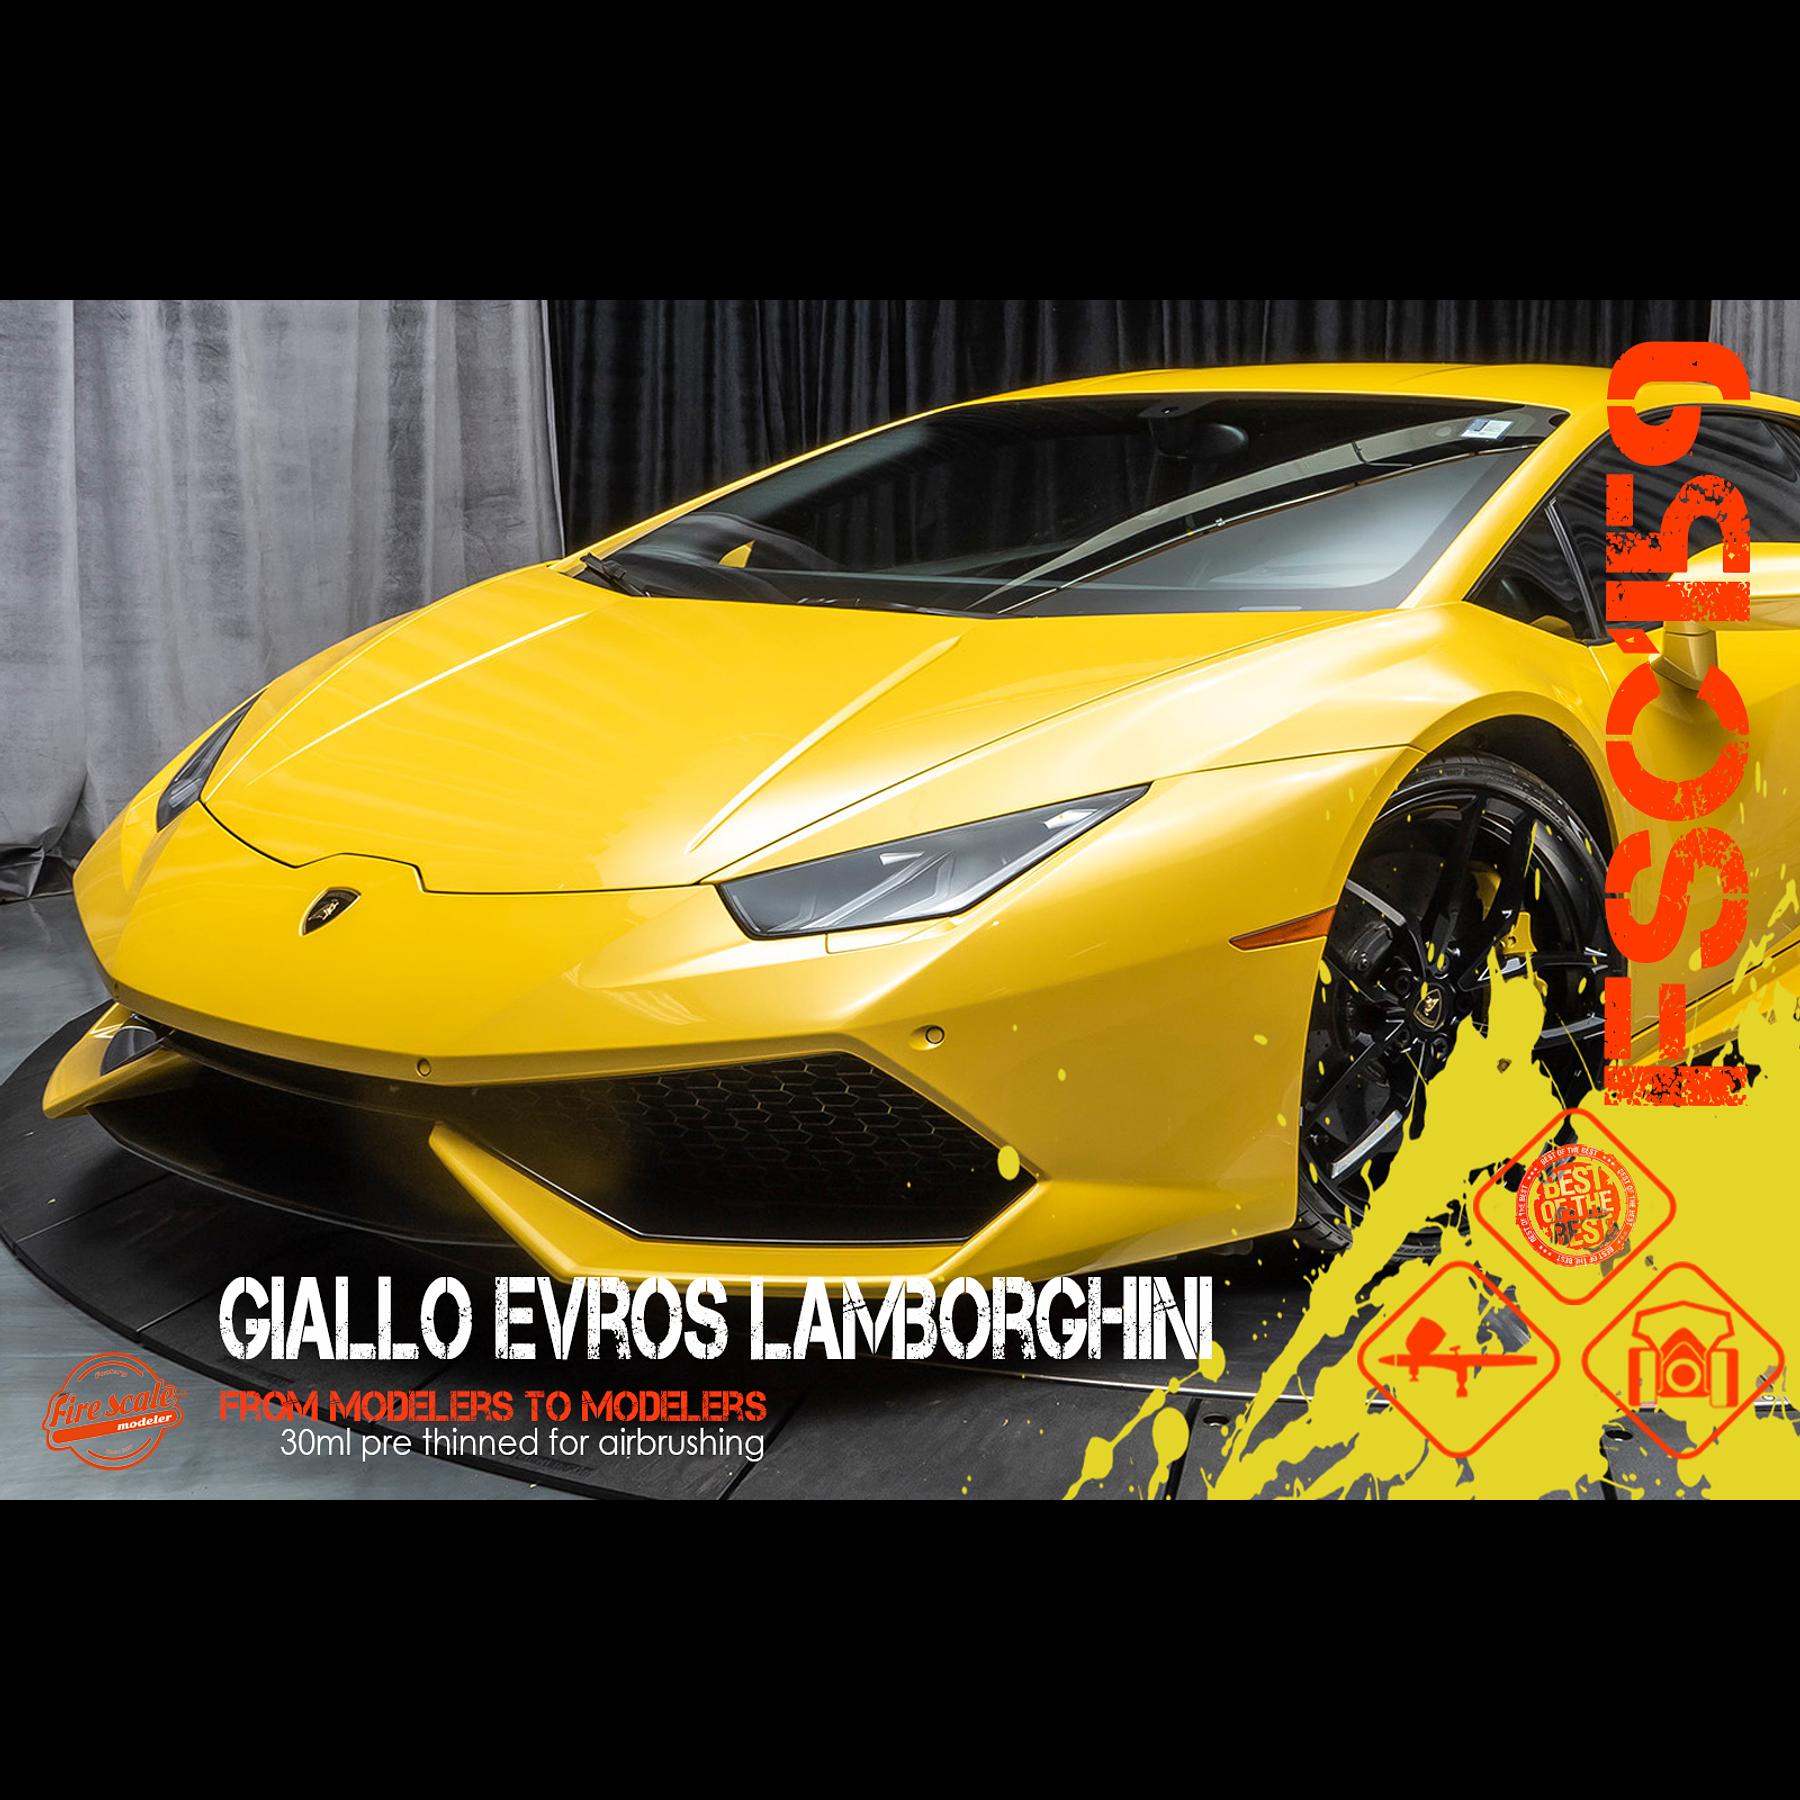 Giallo Evros Lamborghini